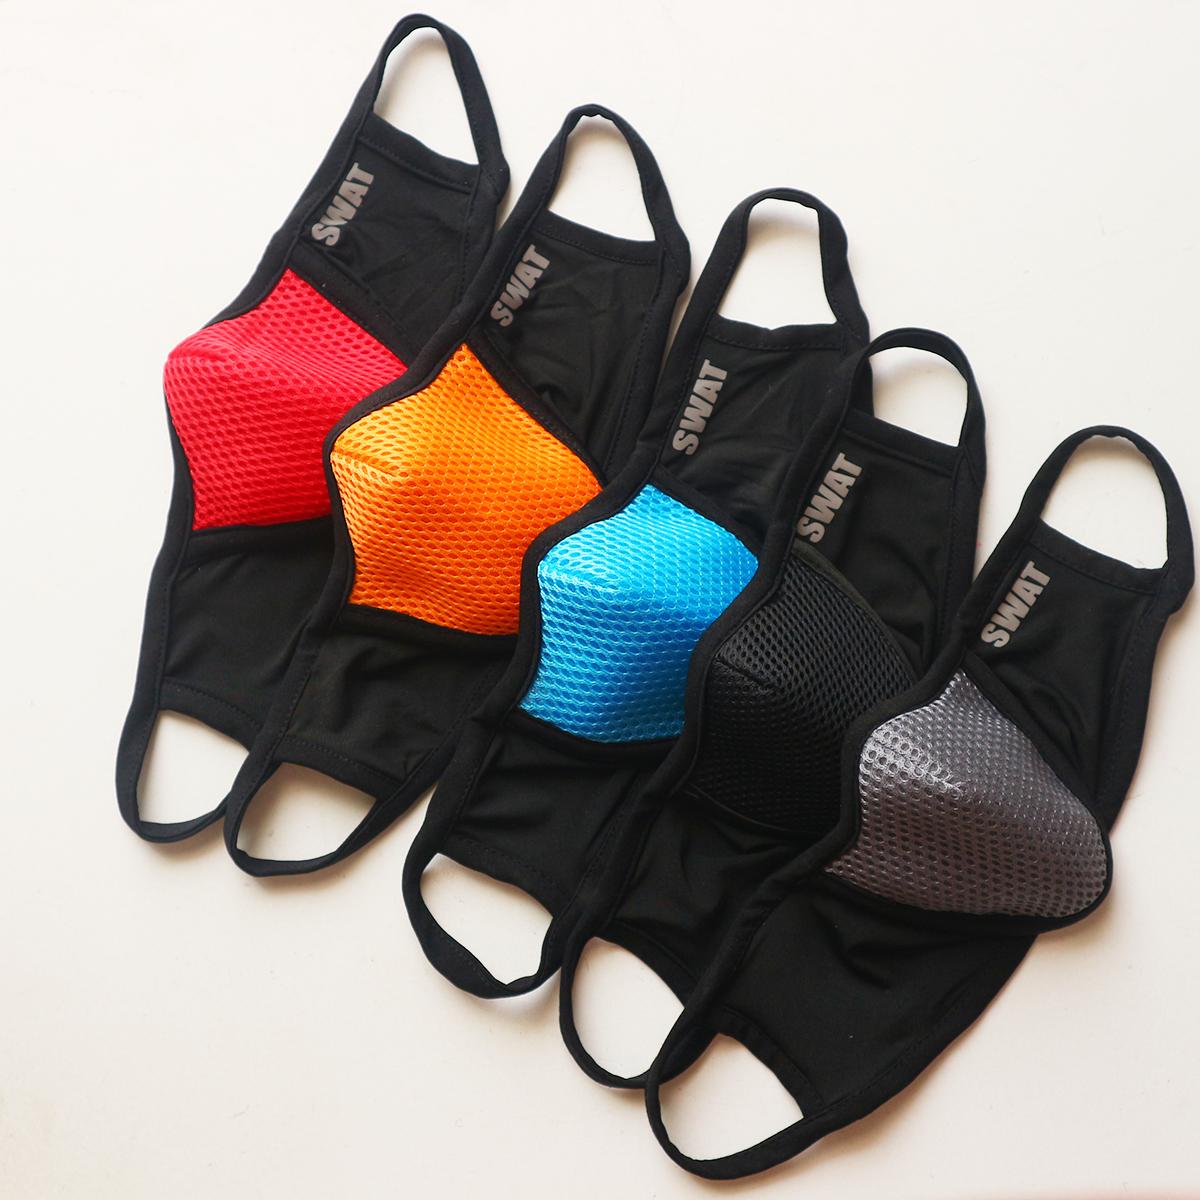 Khẩu trang vải 3 lớp chống bụi, chống nắng, chống văng bọt 100% nhiều màu [s.w.a.t]